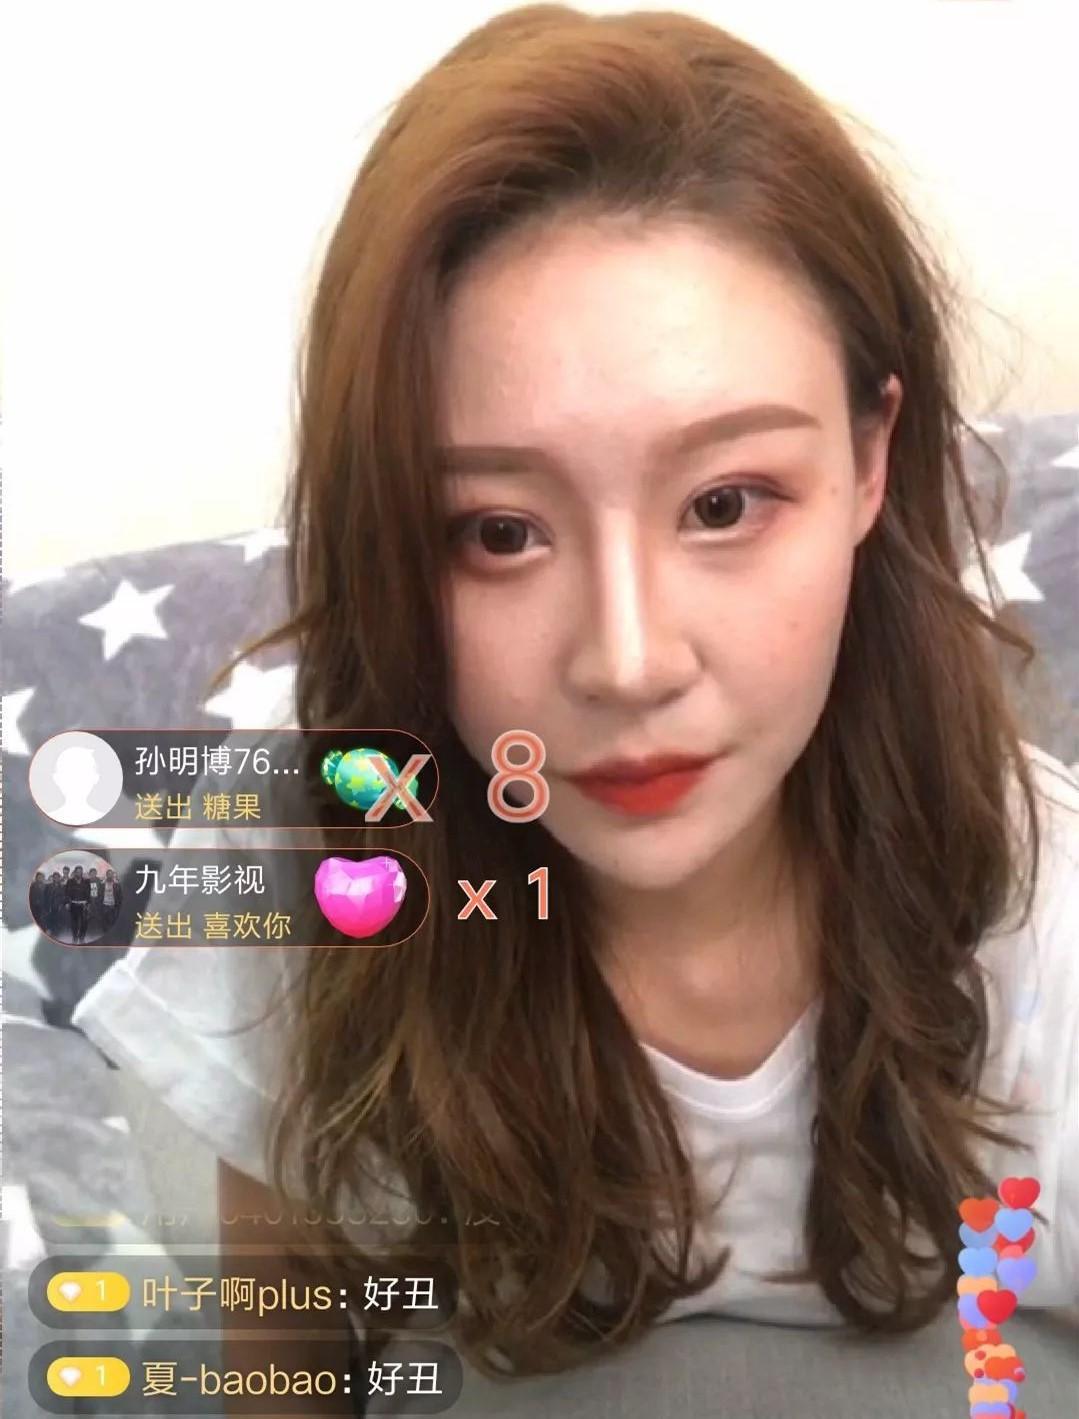 Lỡ tay tắt nhầm filter làm đẹp lúc livestream, hot girl Trung Quốc mất hơn trăm ngàn lượt follow vì để lộ nhan sắc thật - Ảnh 4.